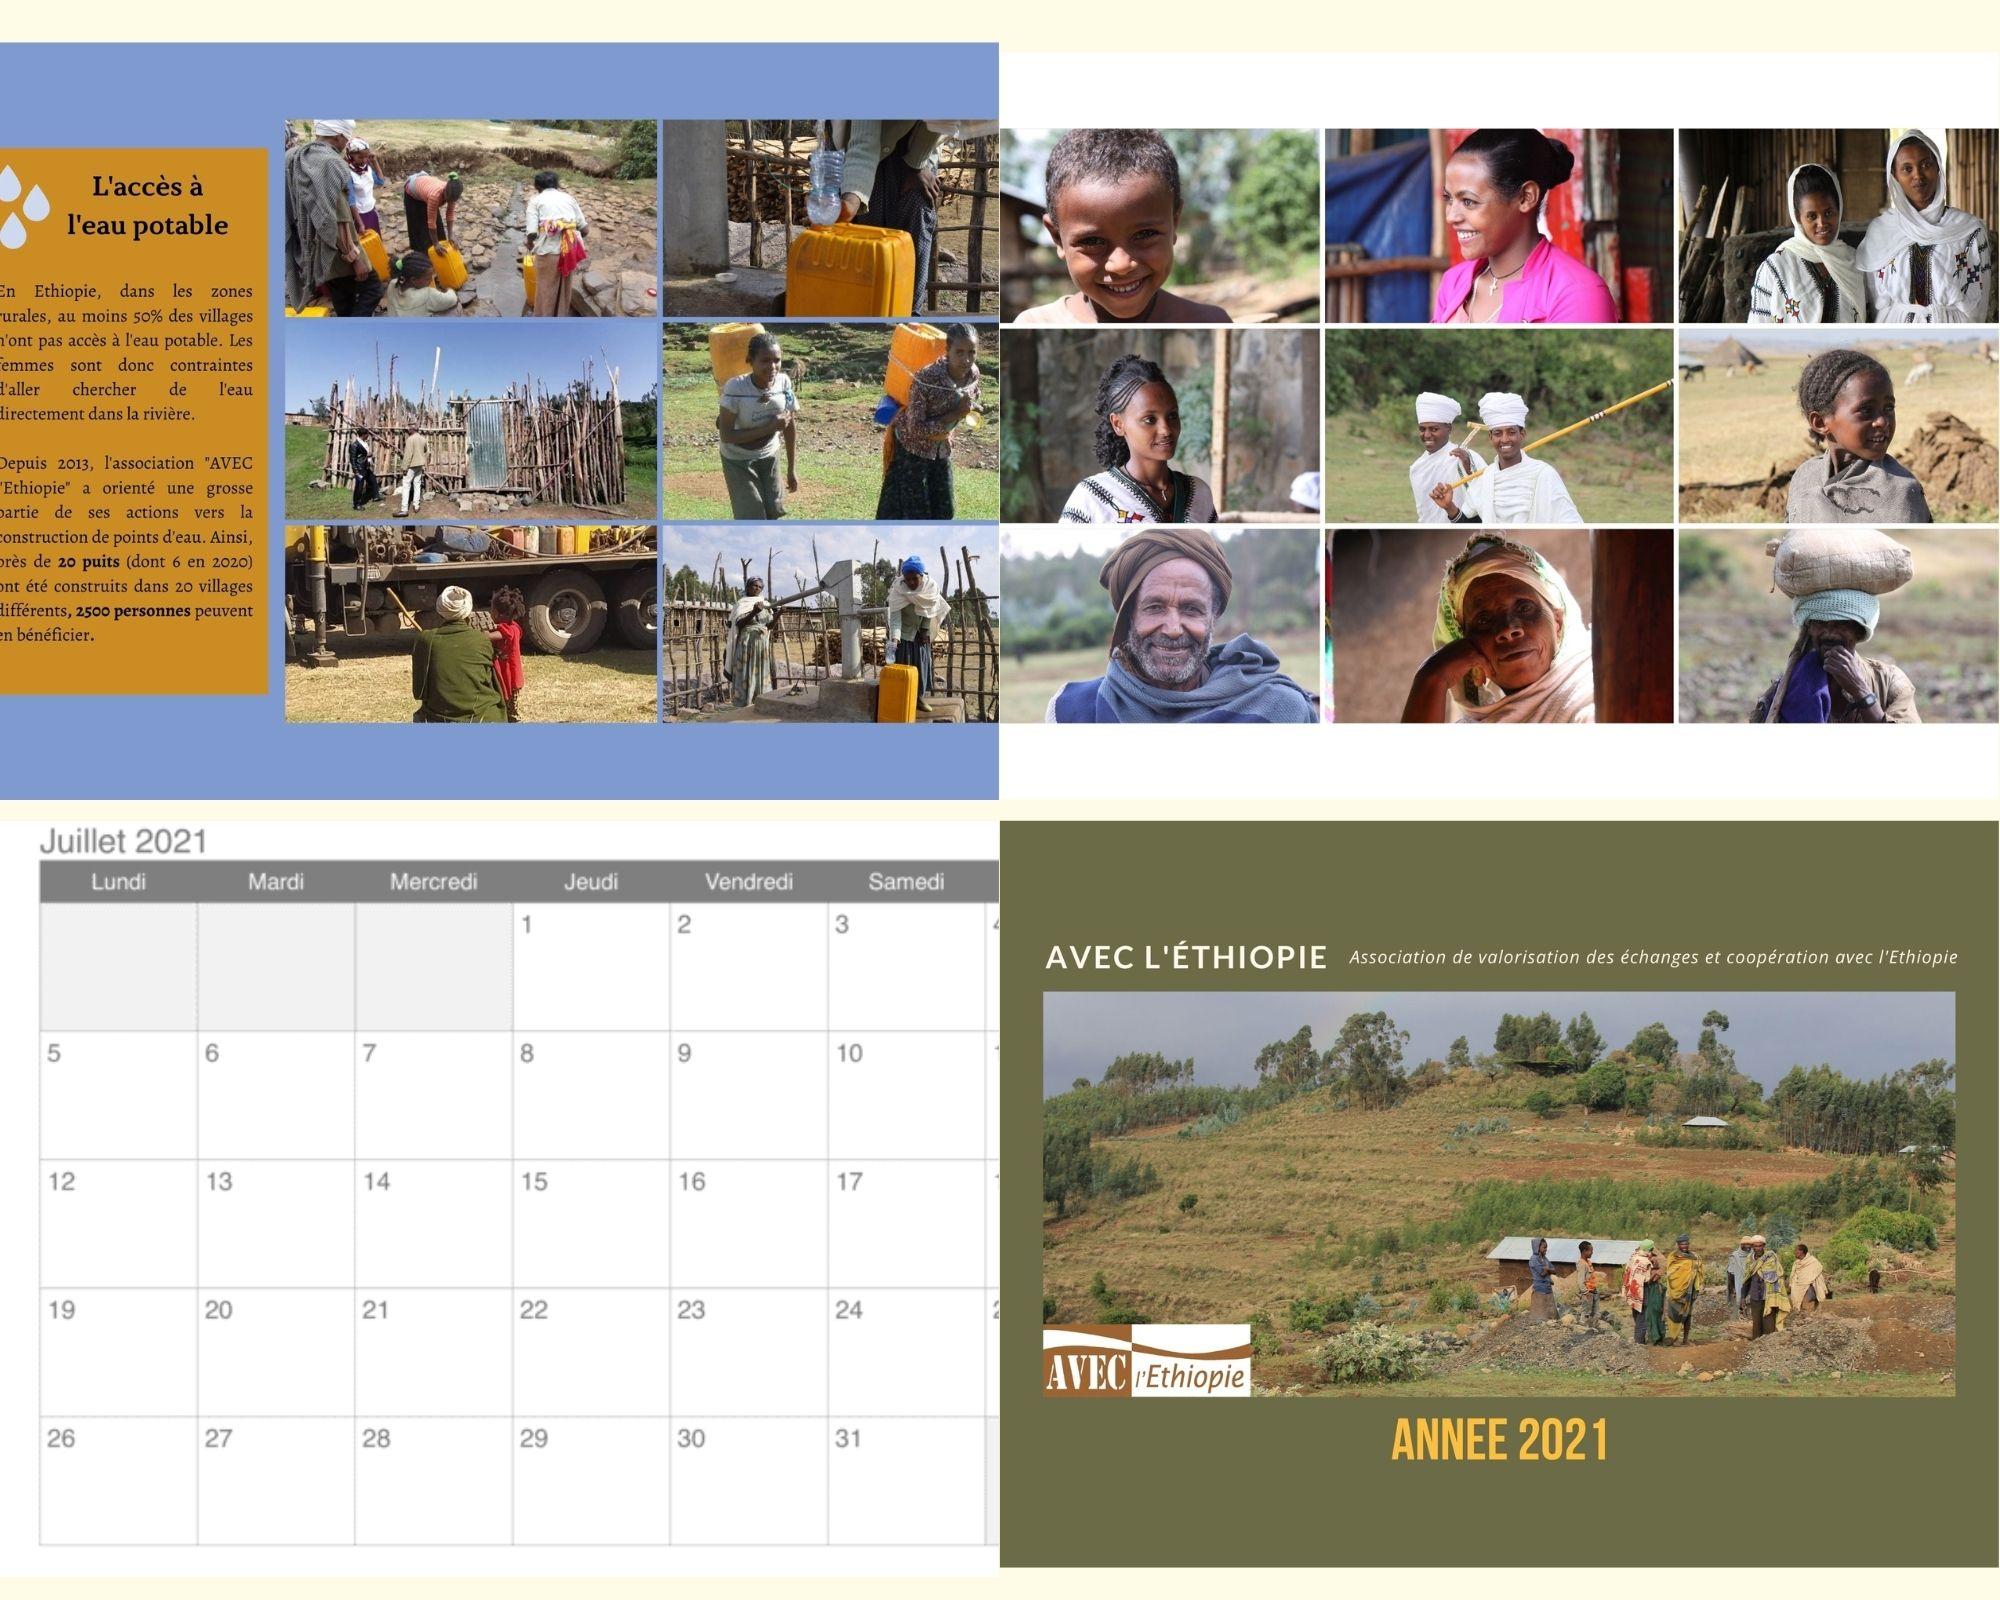 Le Calendrier 2021 vient de sortir!   Avec l'Ethiopie